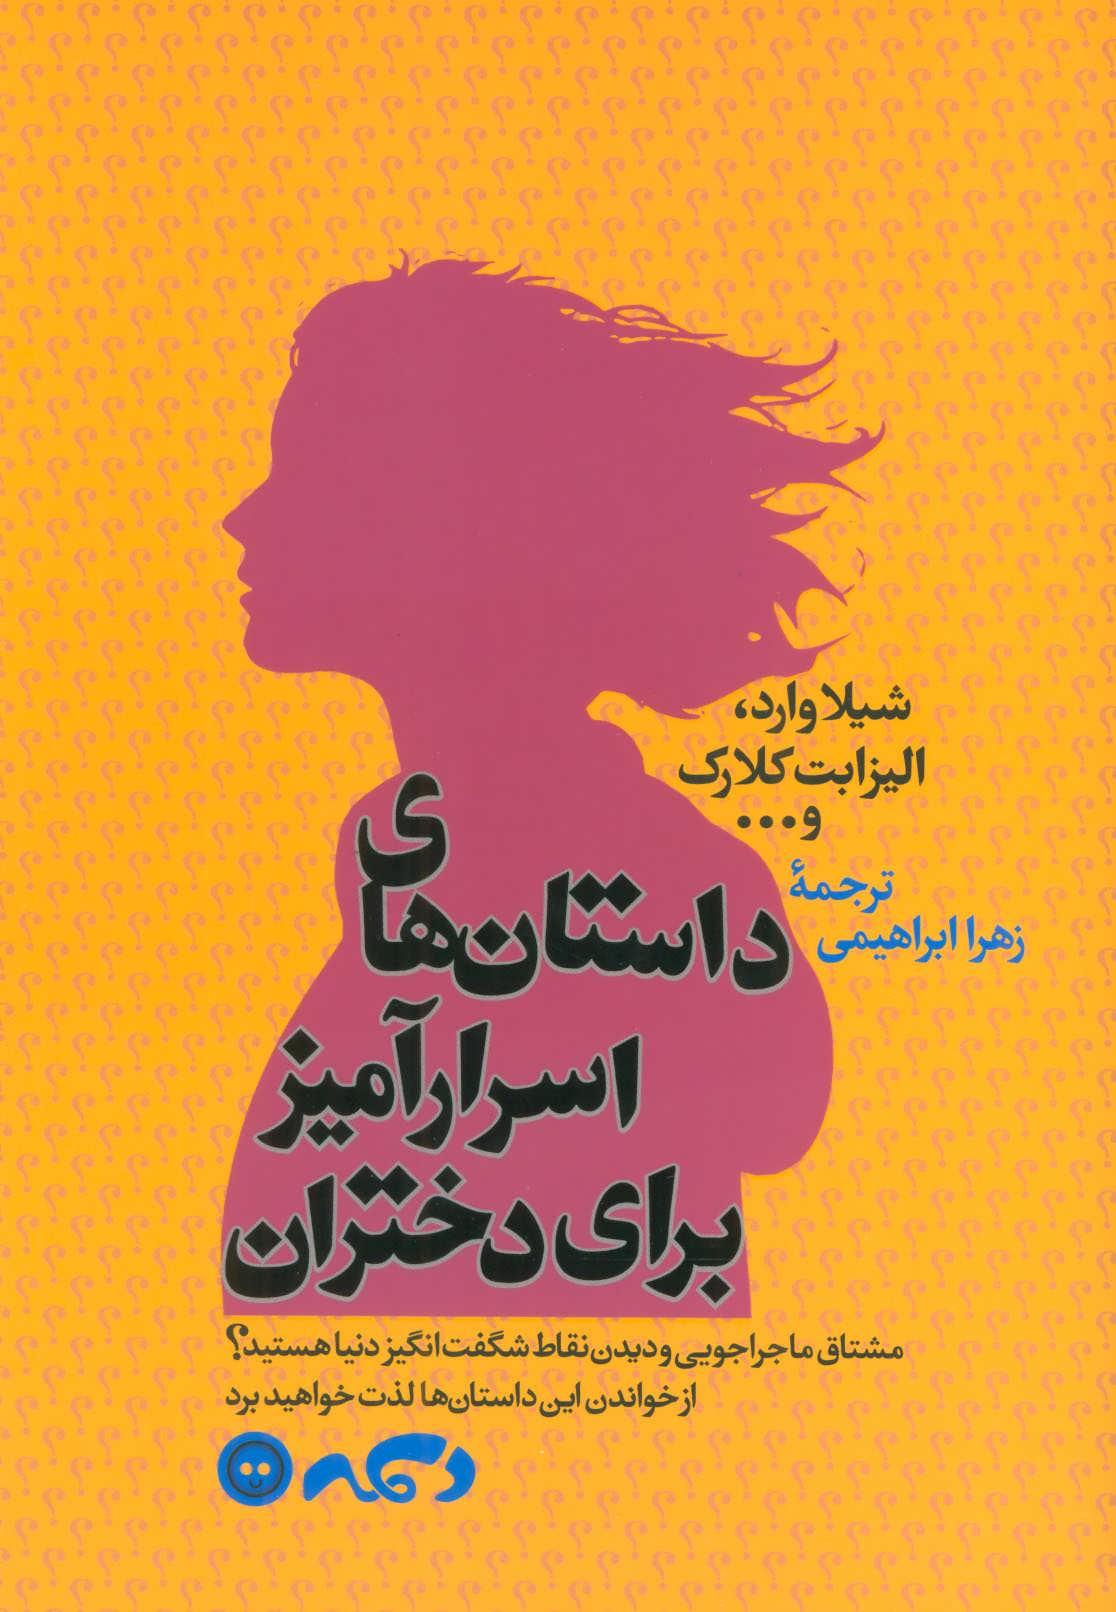 داستان هاي اسرار امير براي دختران